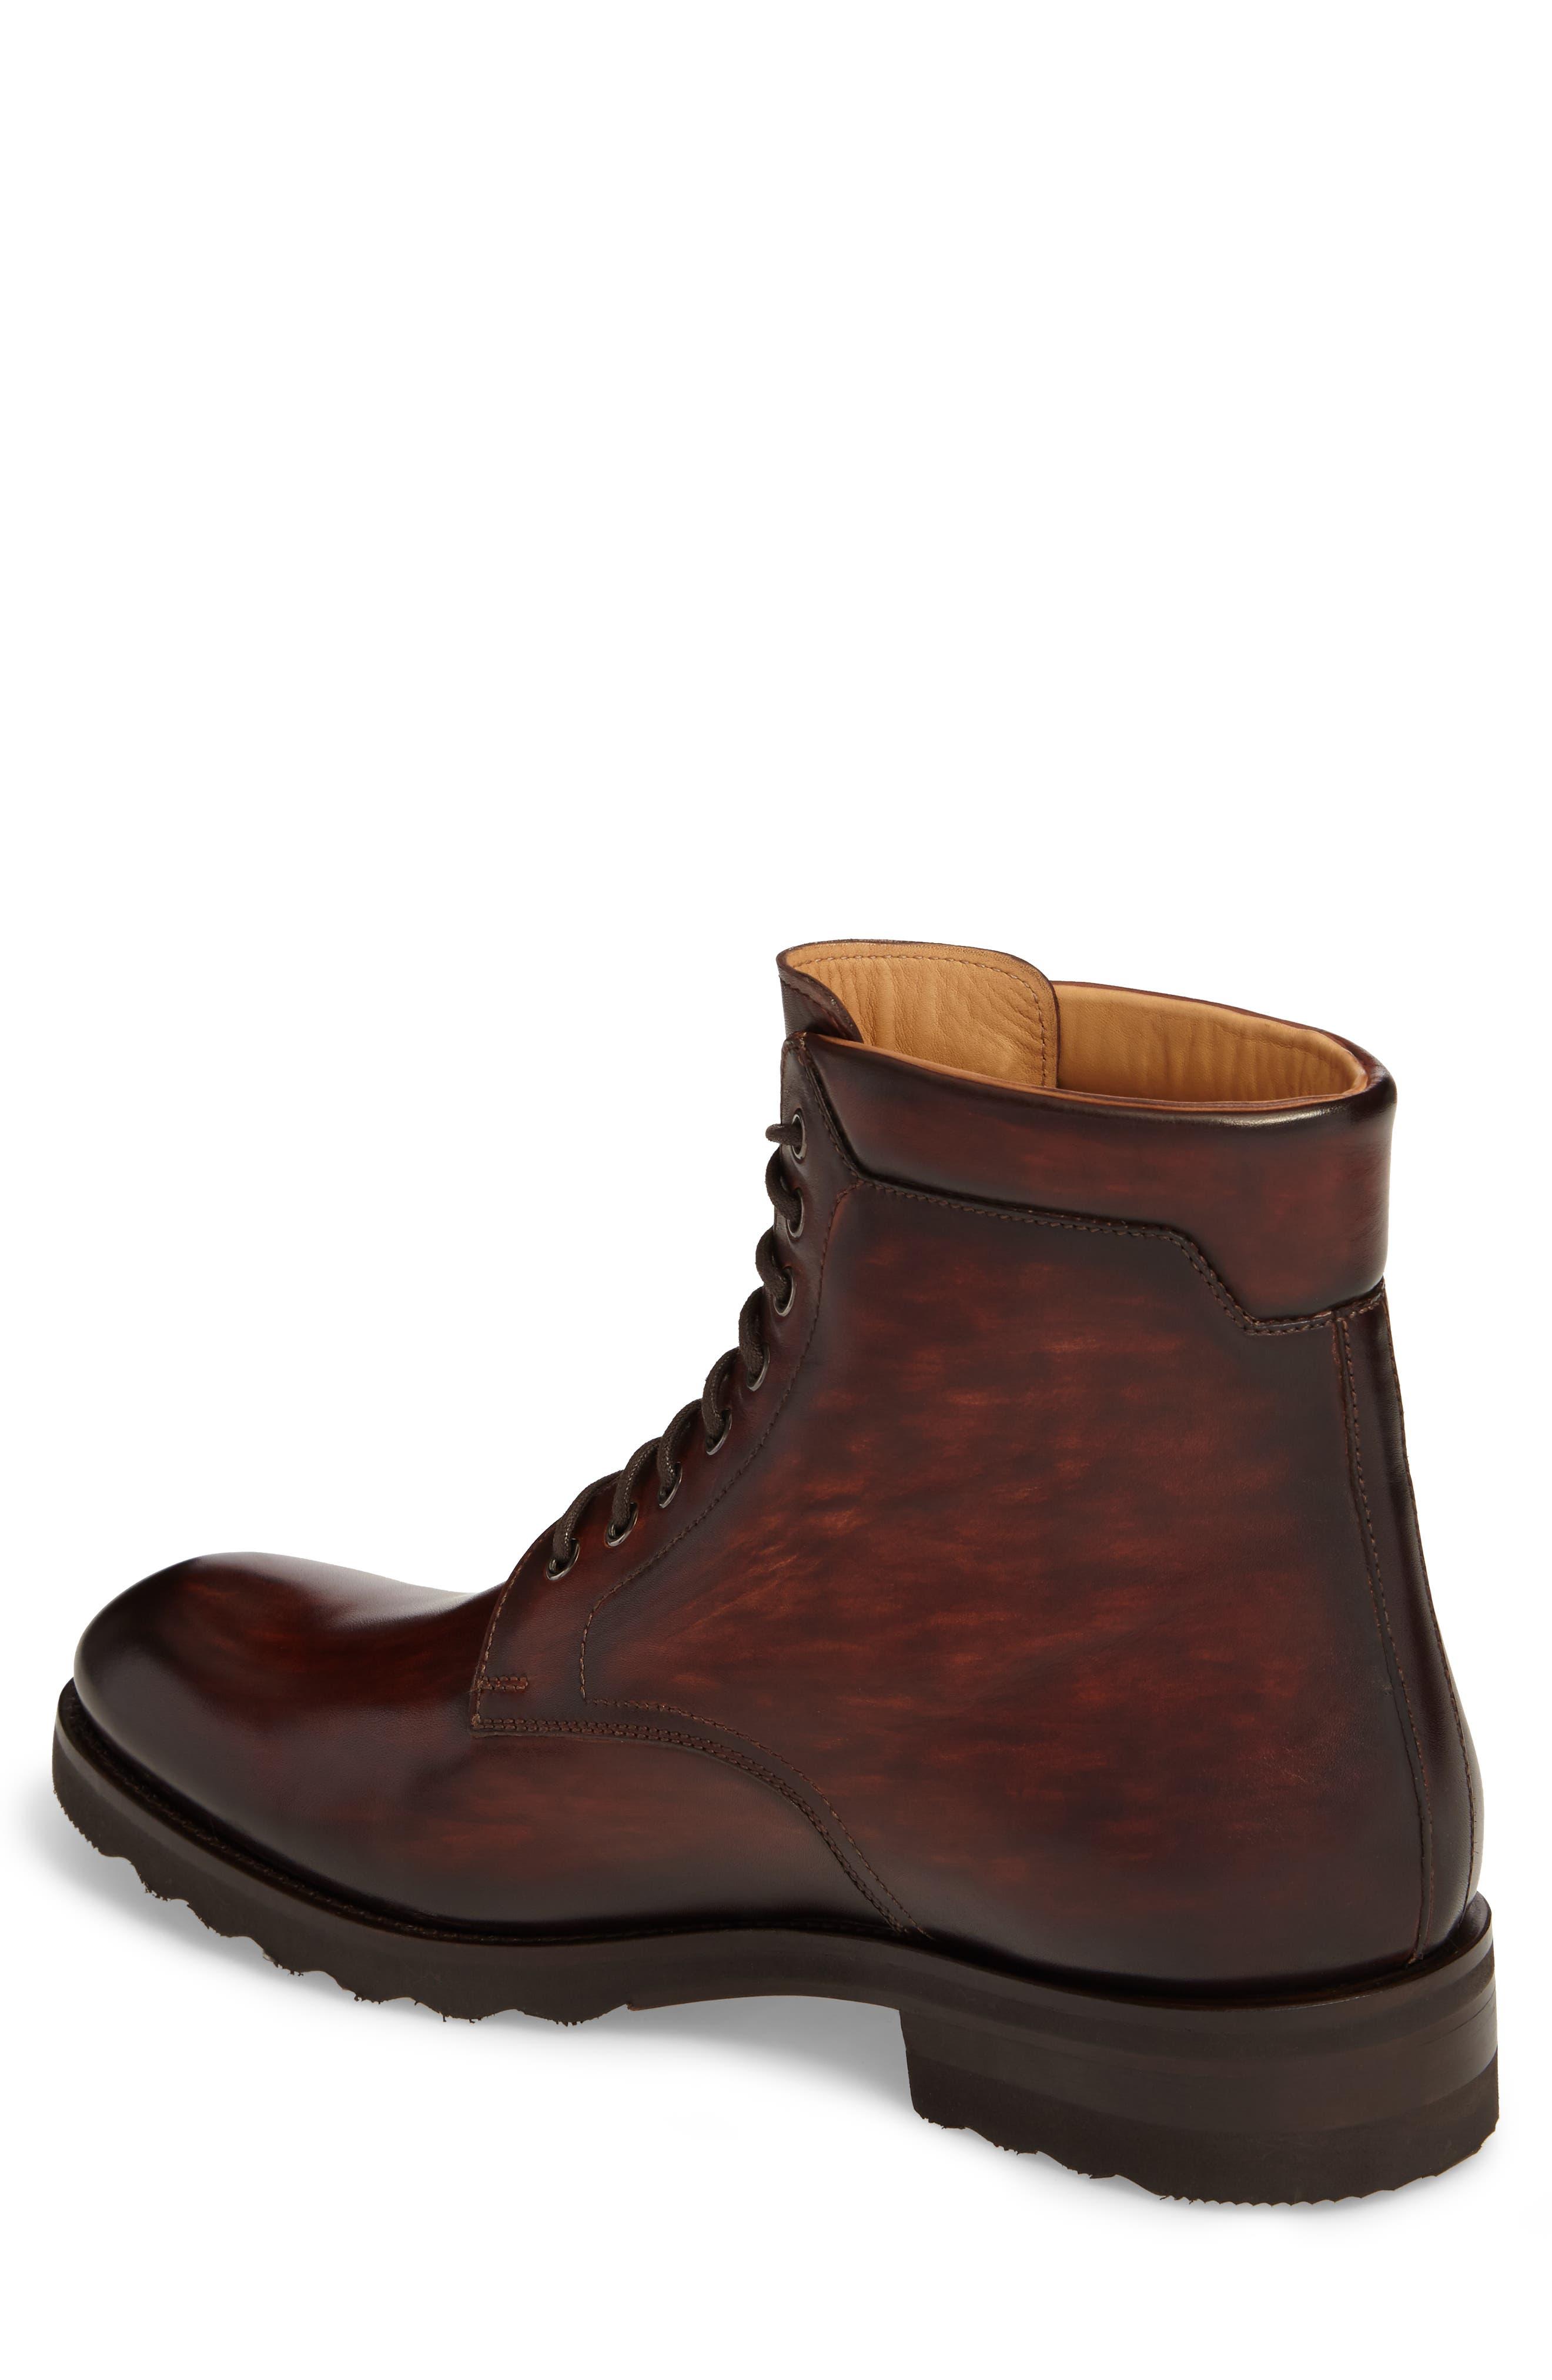 Saxon Plain Toe Boot,                             Alternate thumbnail 2, color,                             210